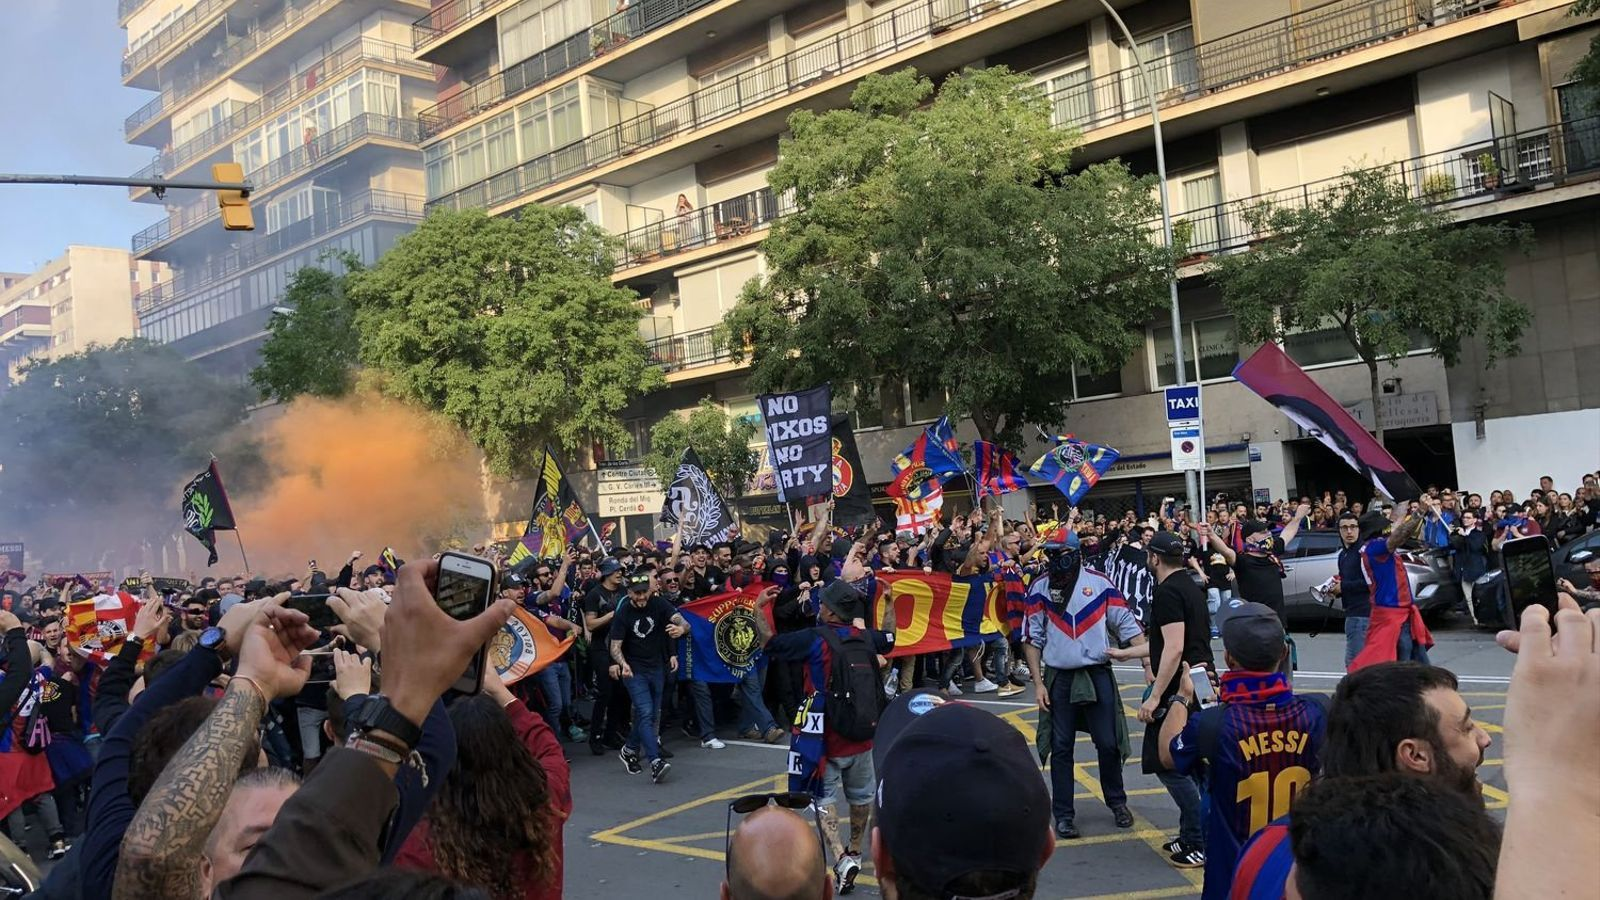 Interior explica que els membres dels Boixos Nois poden entrar al Camp Nou, però de manera individual